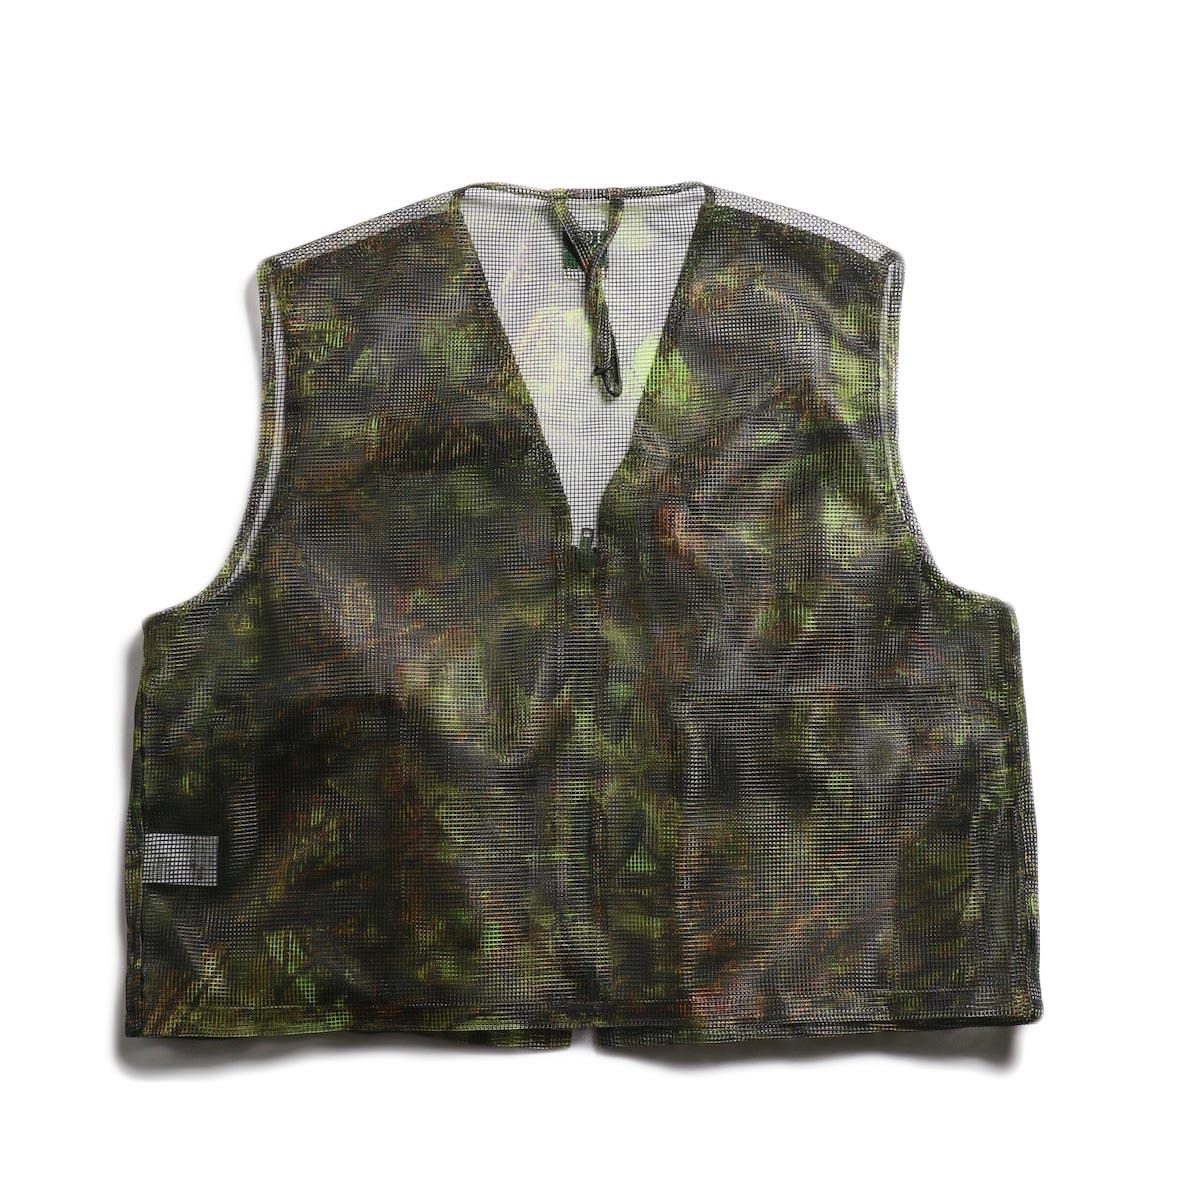 SOUTH2 WEST8 / Mesh Bush Vest -Poly Mesh (S2W8 Camo) 背面